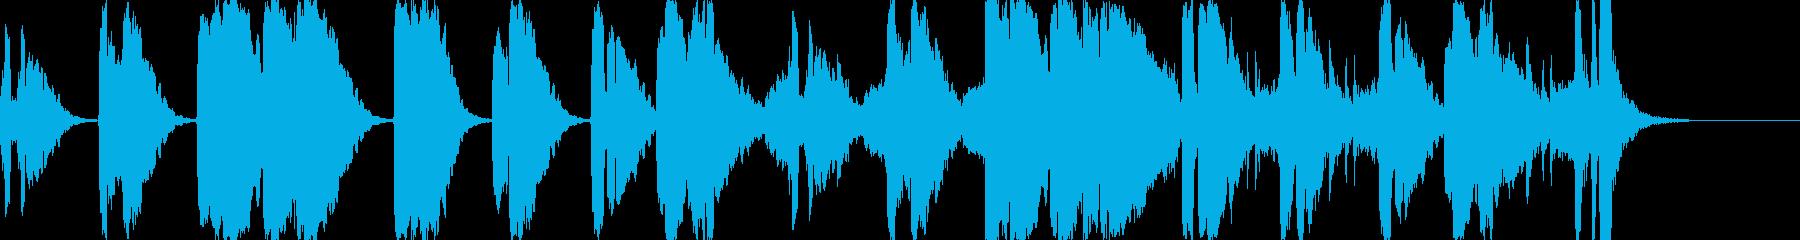 昭和のスポ根・軍歌風BGM 辛い練習・涙の再生済みの波形